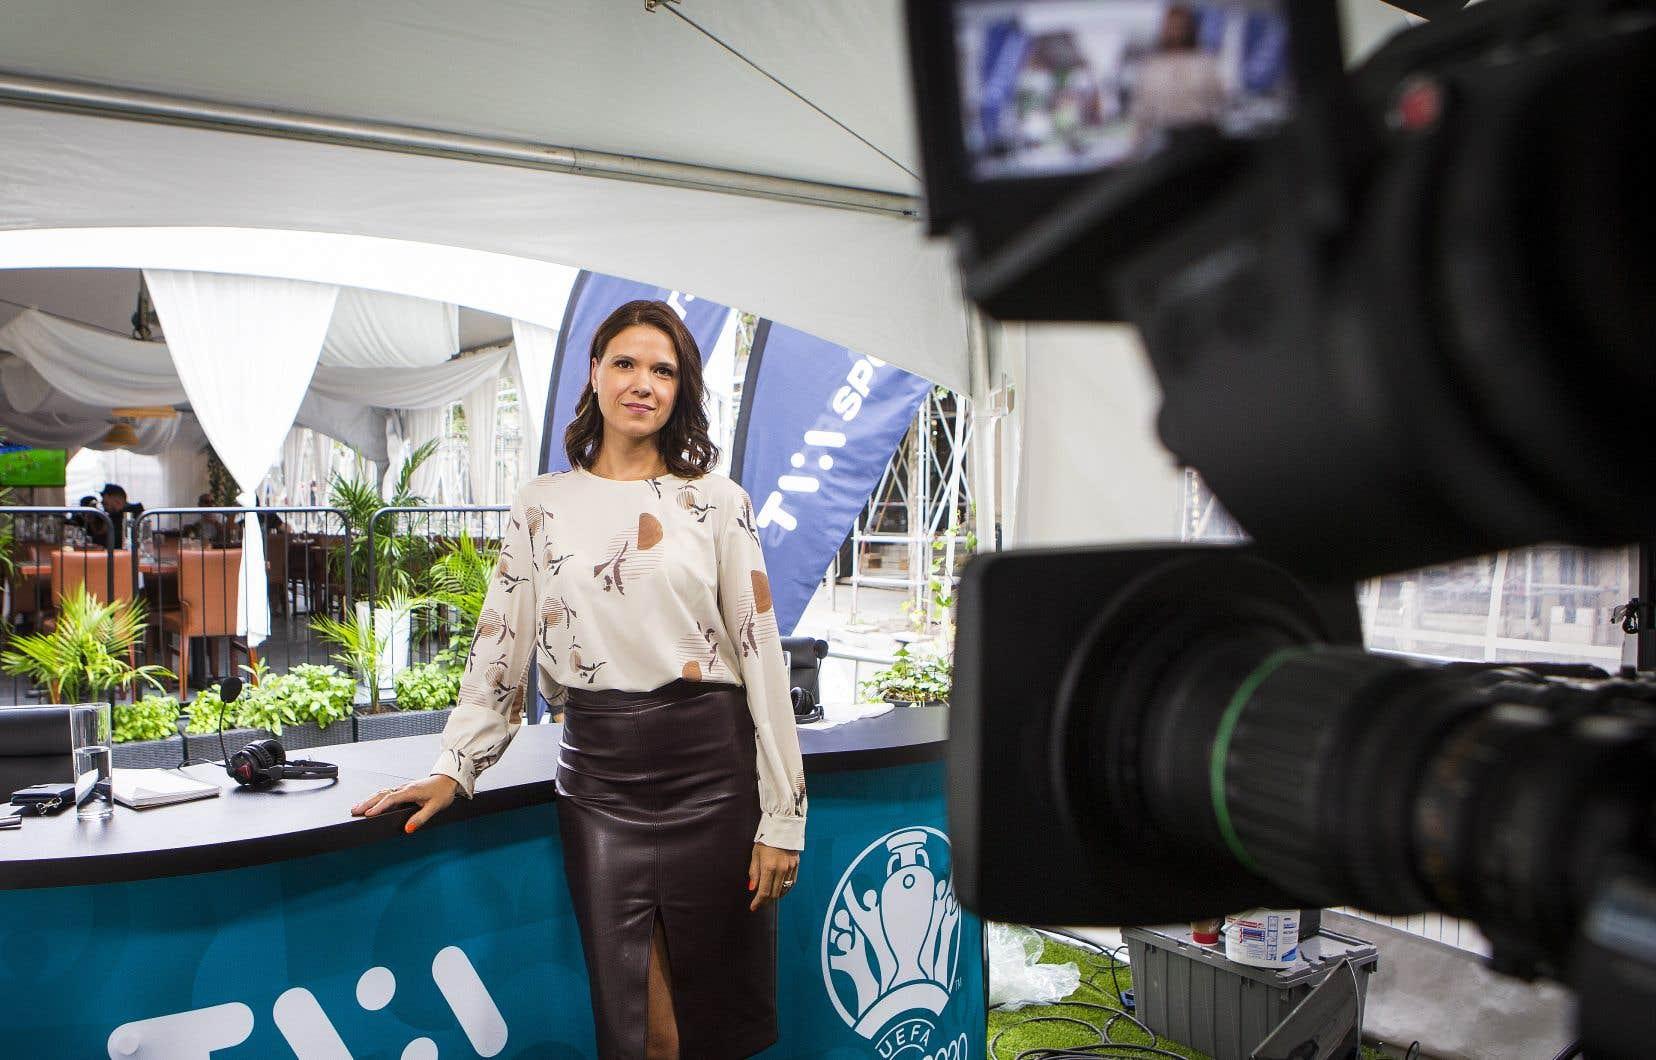 La journaliste Elizabeth Rancourt est affectée à la couverture du Canadien du Montréal pour TVA Sports et s'est fait confier l'animation des matchs de la LNH cet hiver.